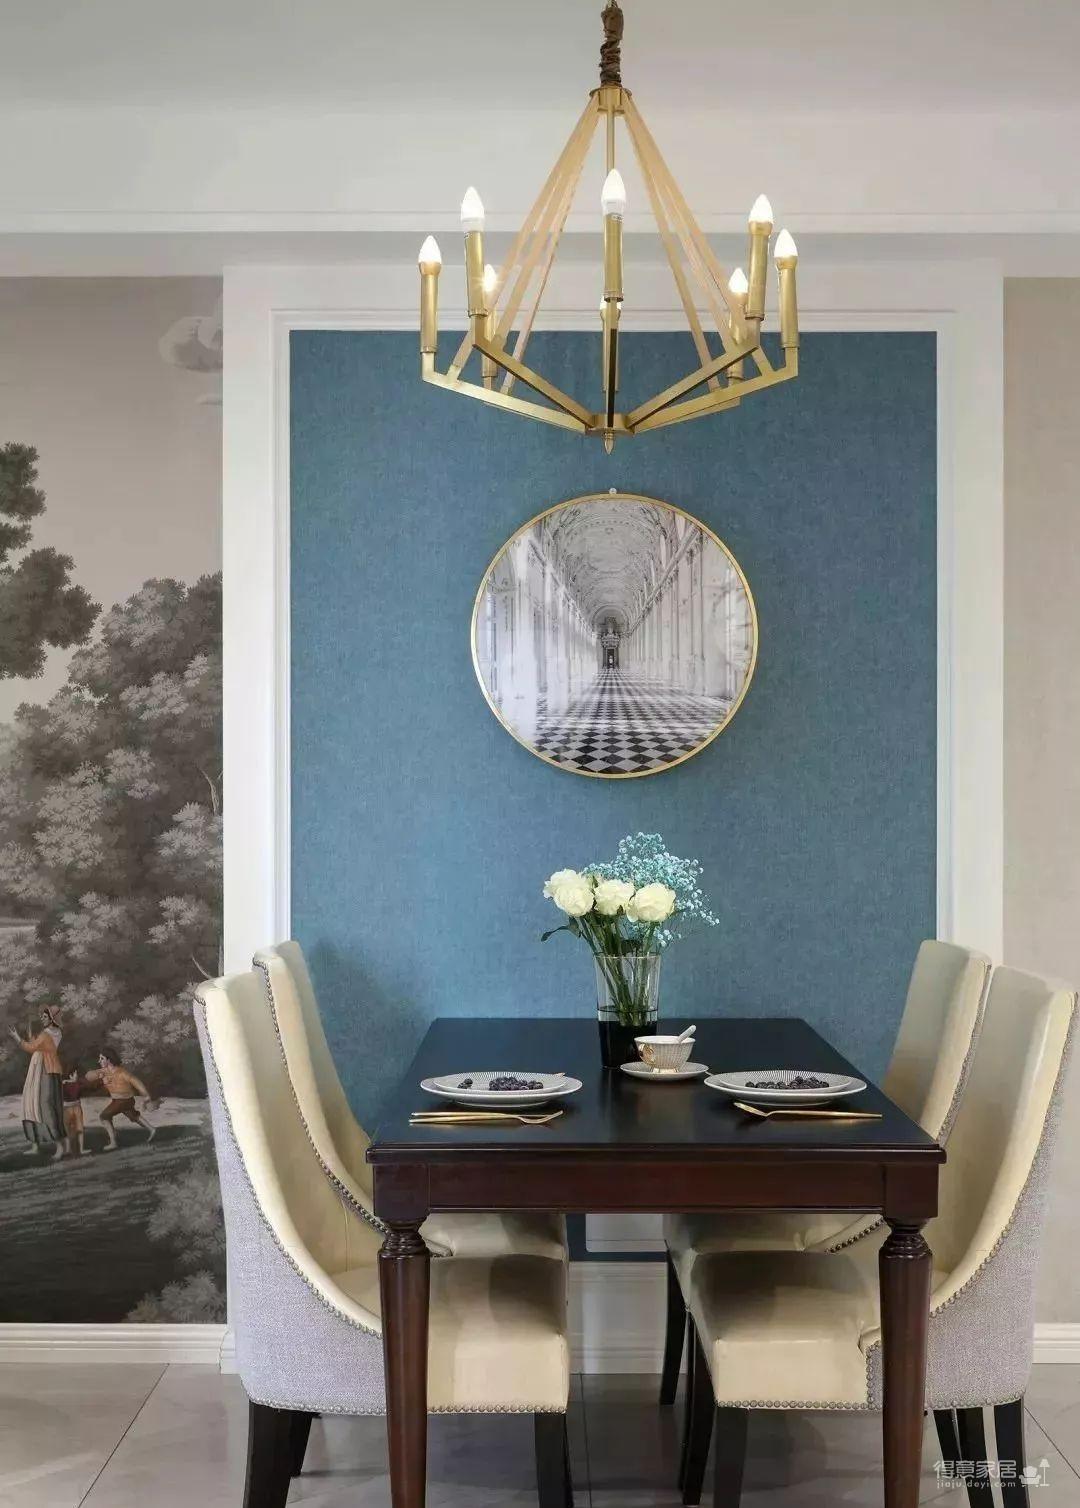 115㎡的现代轻奢风,精选的沙发背景美了整个家!图_3